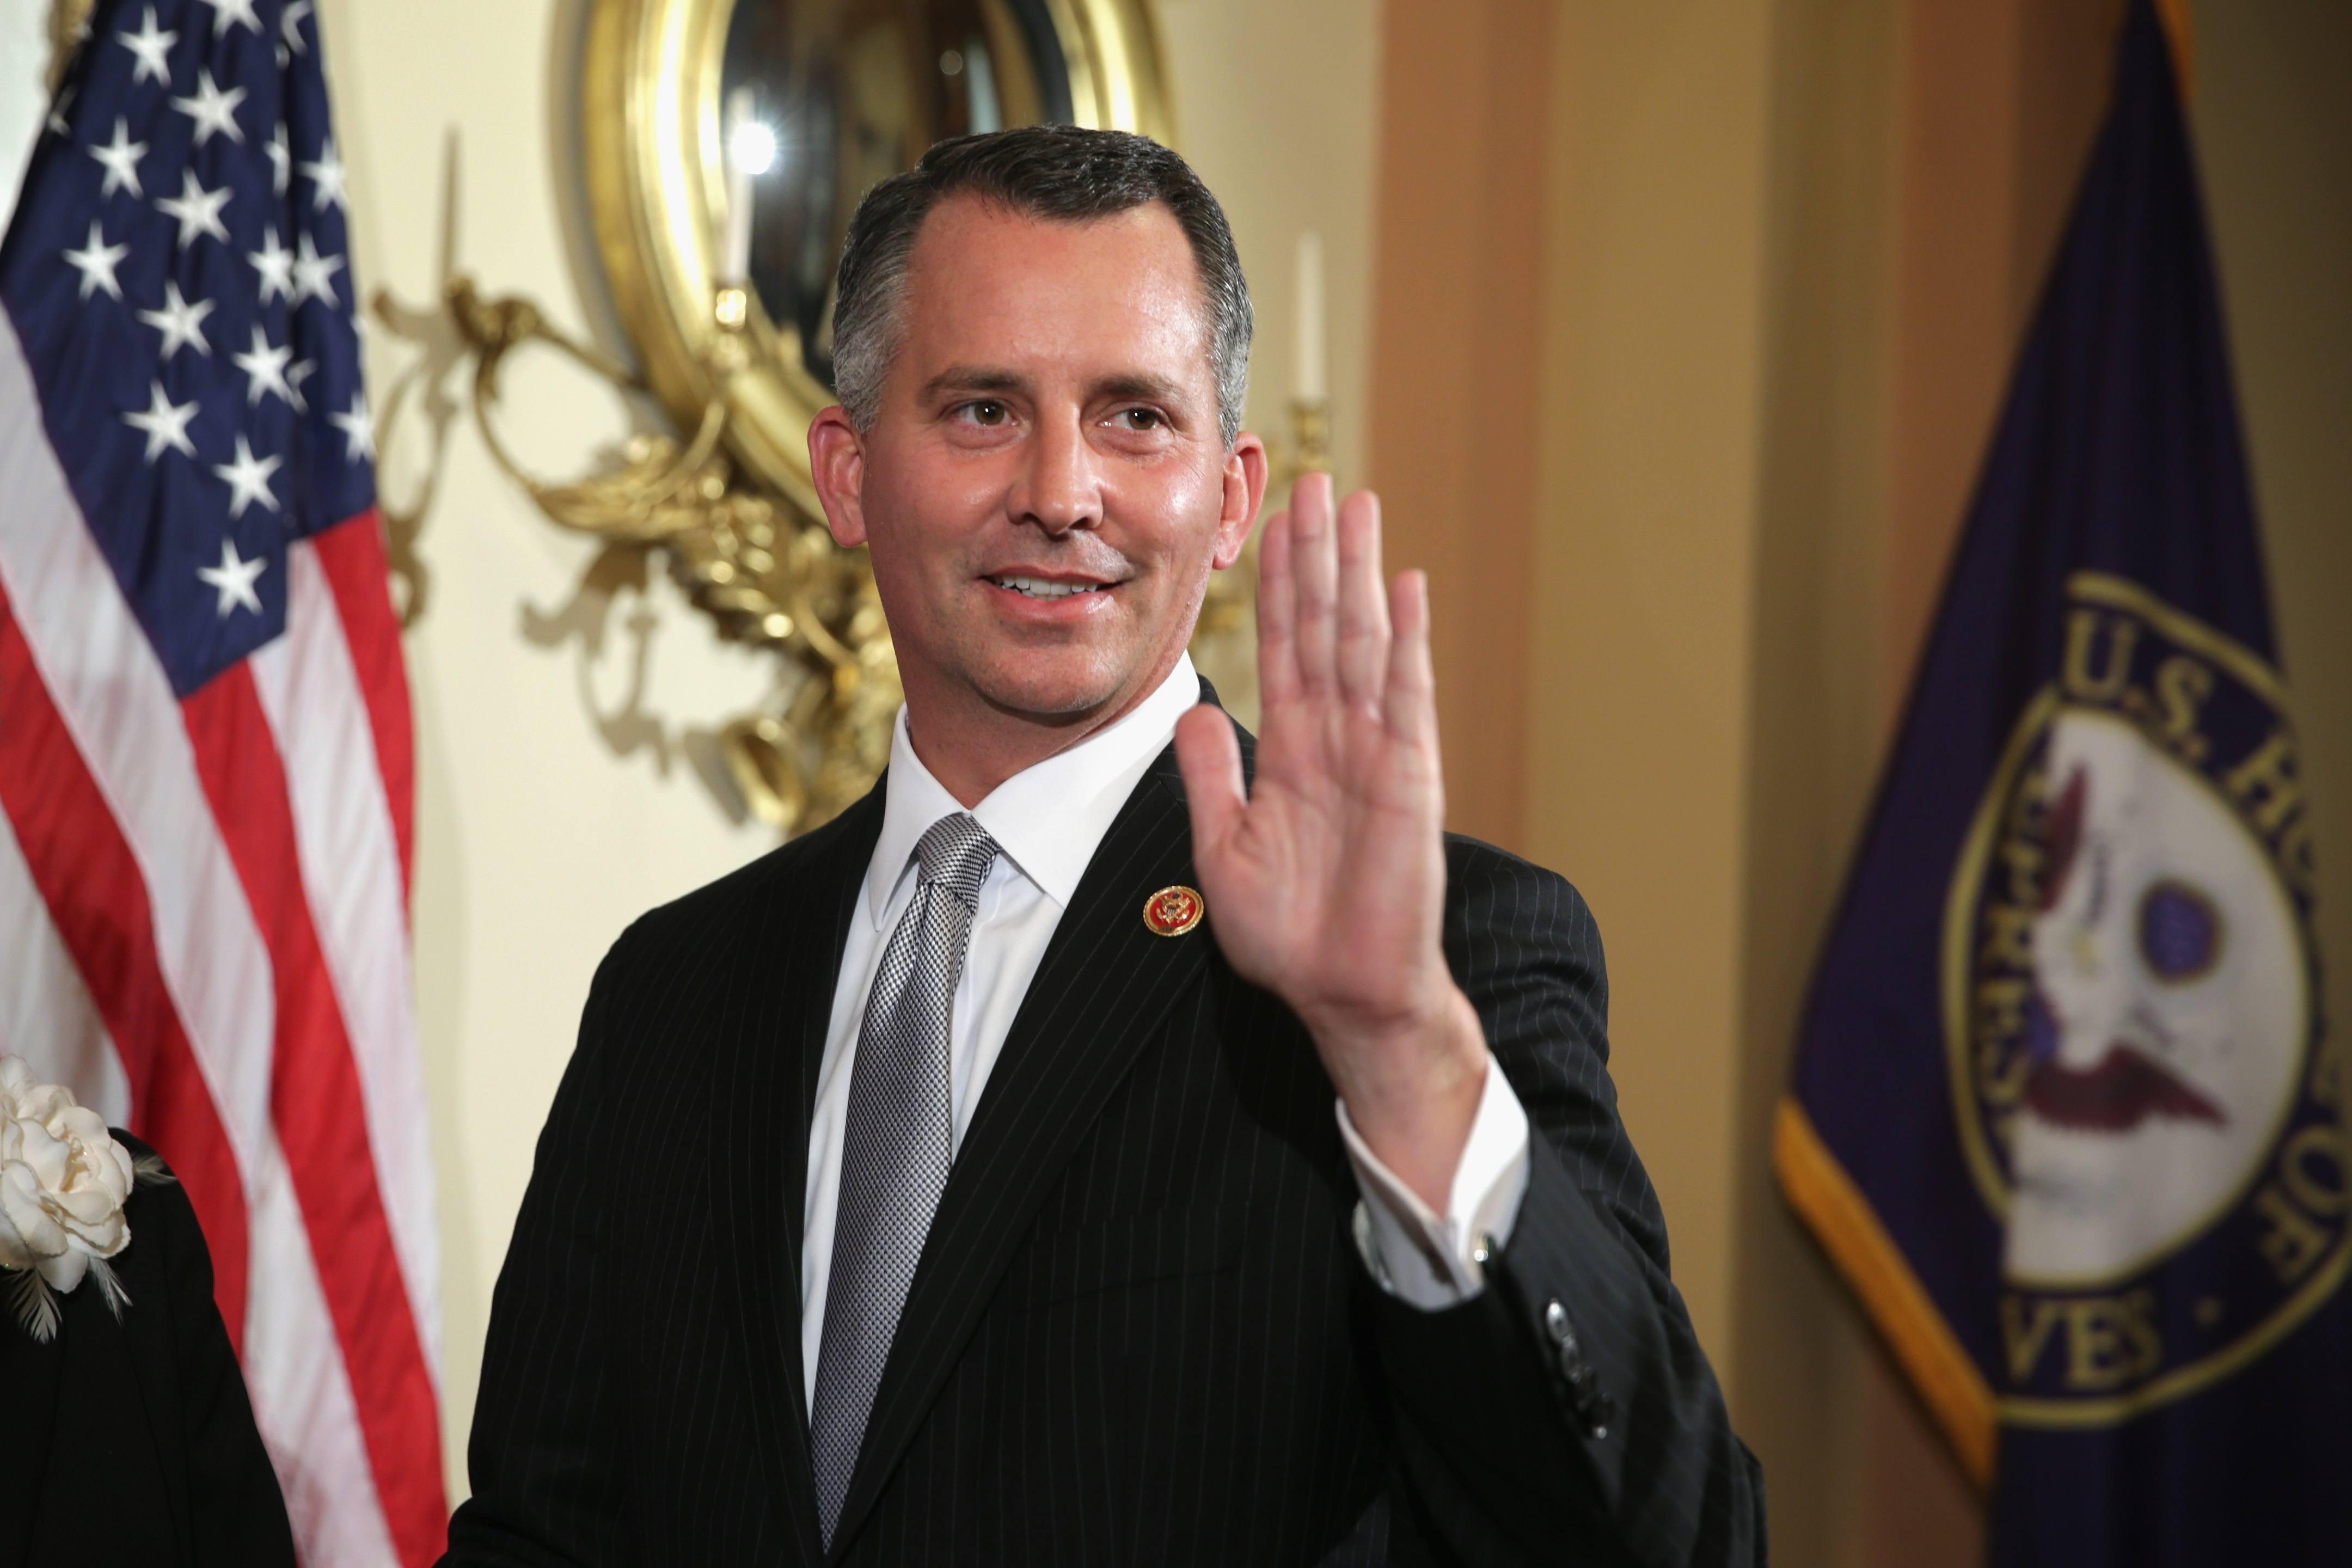 David Jolly Of Florida At US Capitol